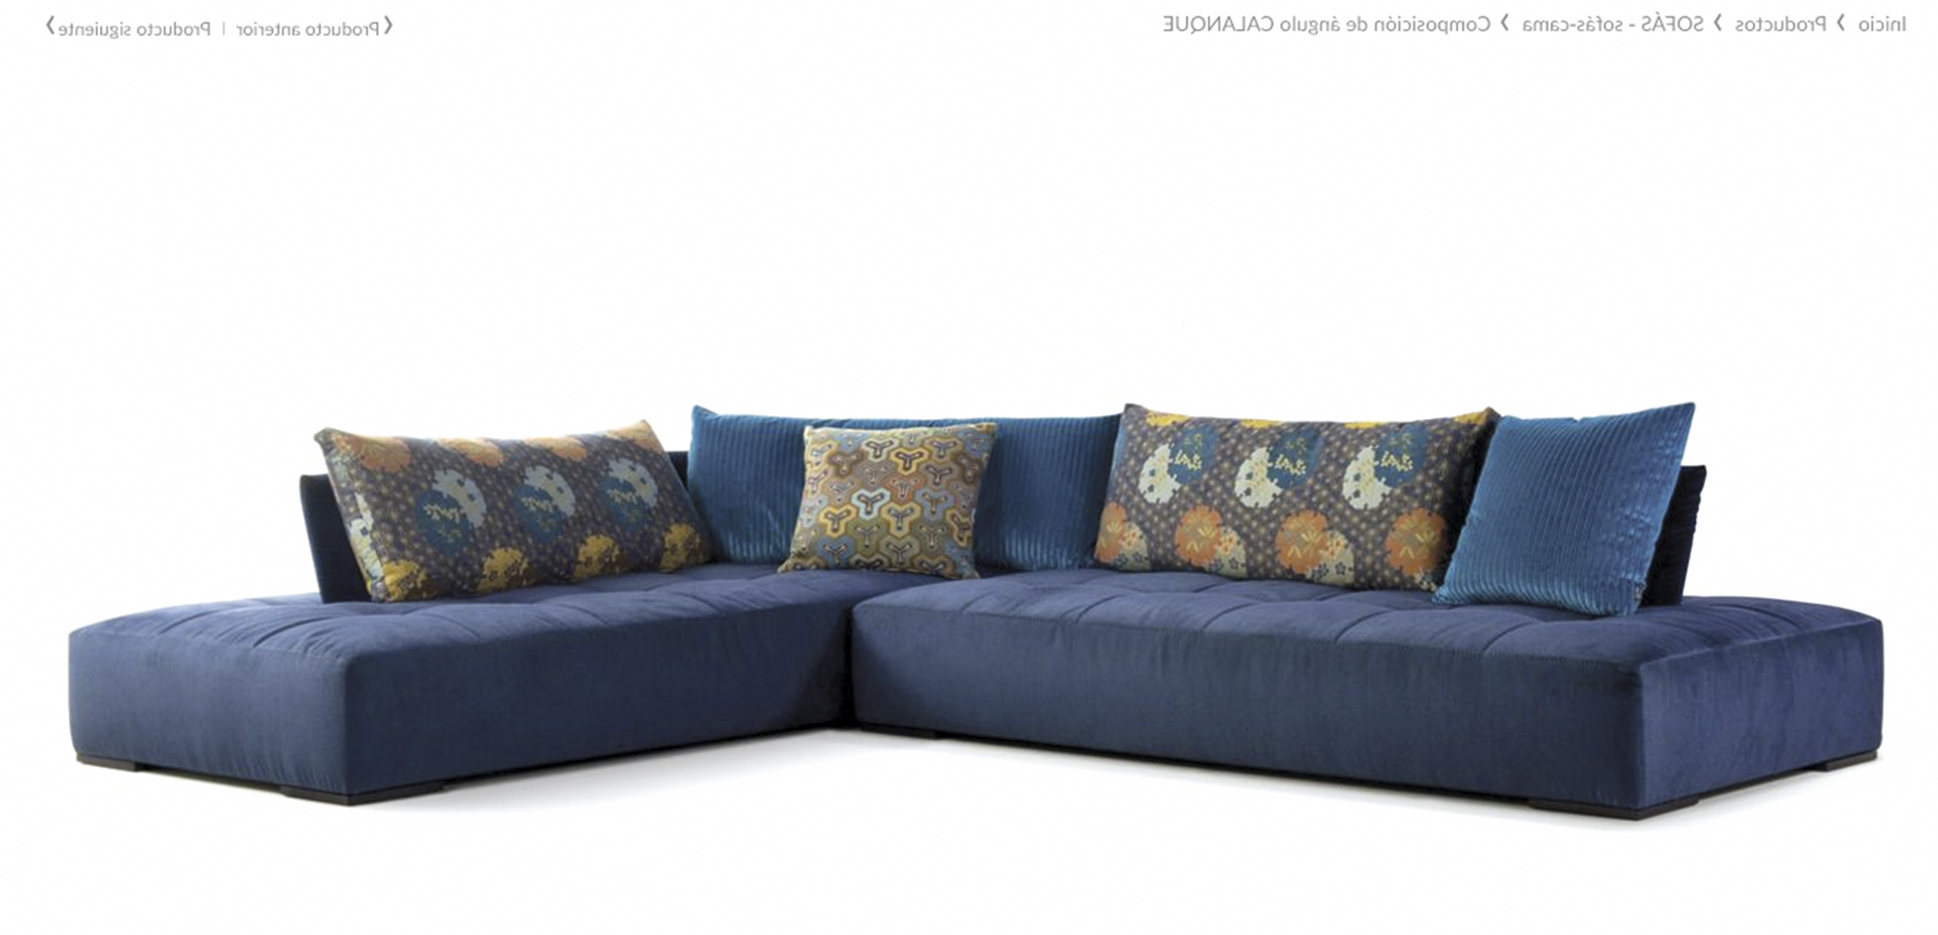 Sofas Modulos S5d8 15 sofà S Modulares Para Caer Rendido